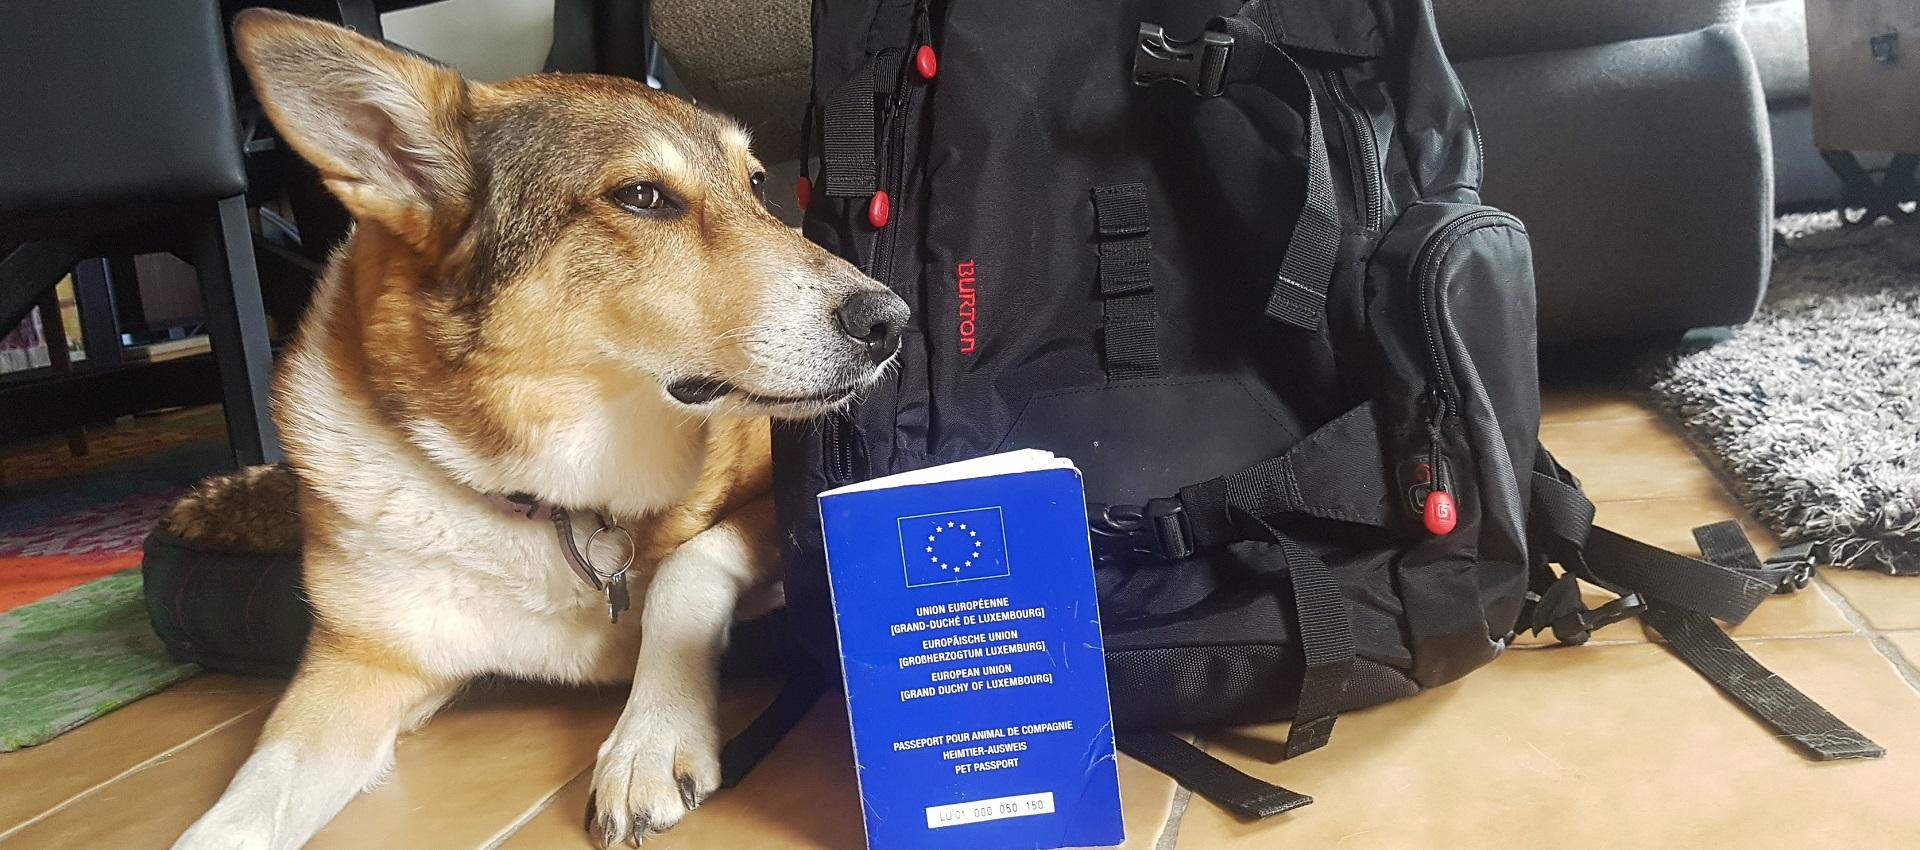 پاسپورت حیوانات در انگلیس و اجازه ی ورود